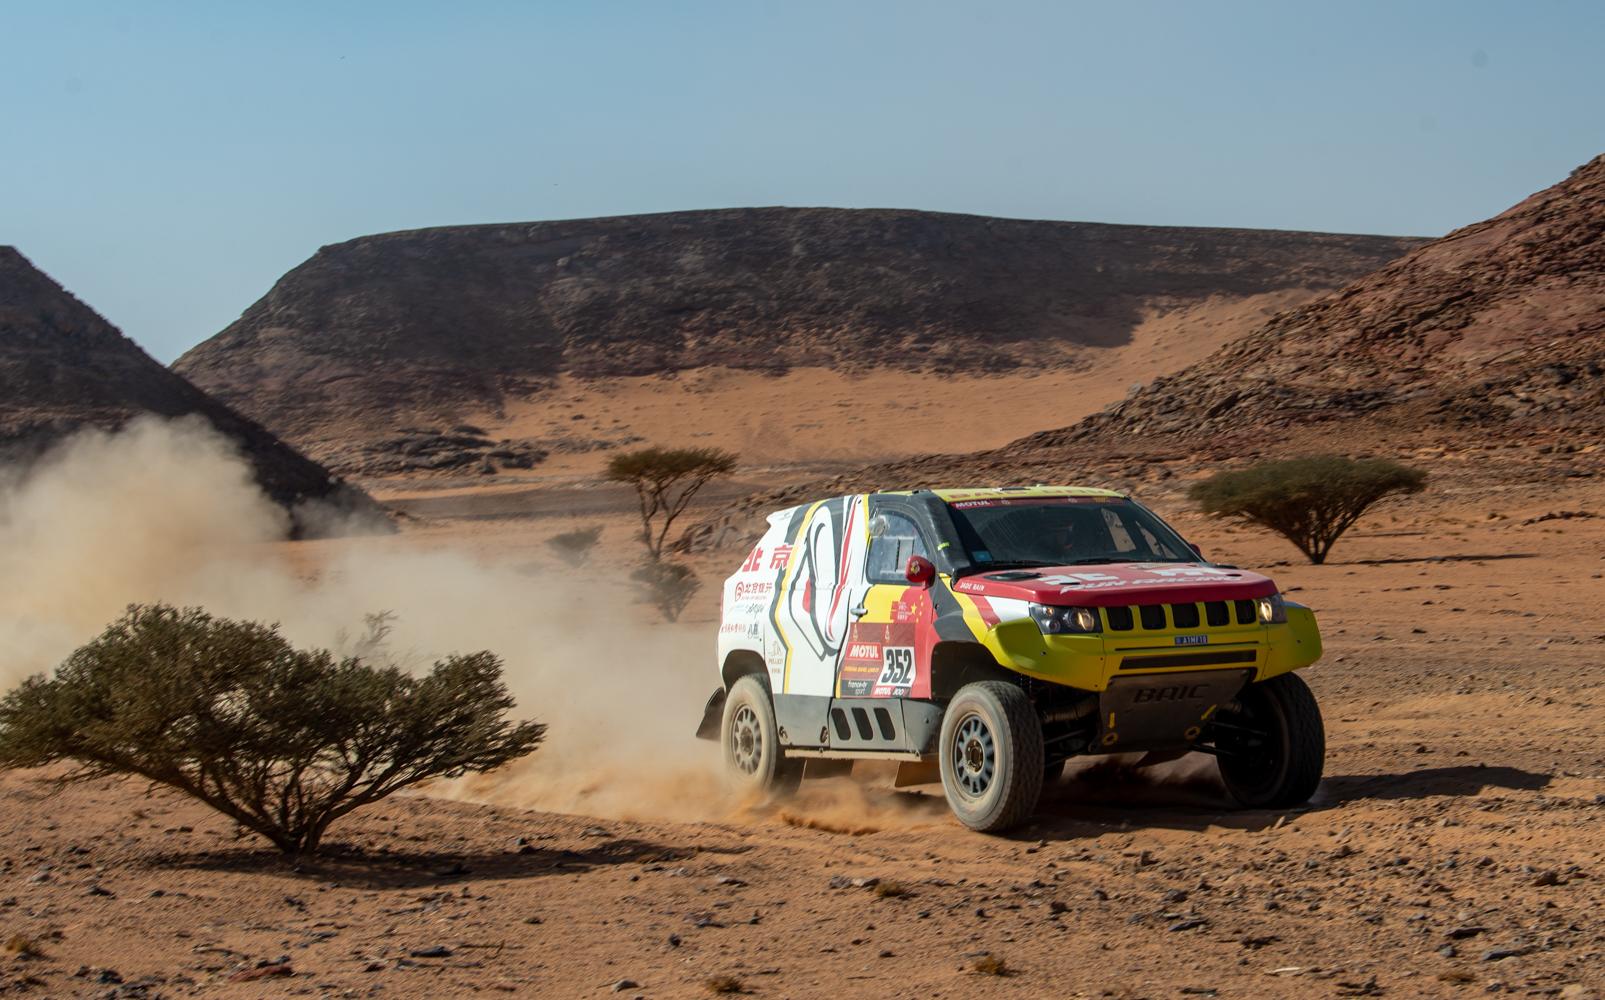 BAIC participa en el rally Dakar 2021 con el modelo todoterreno BAIC ORV